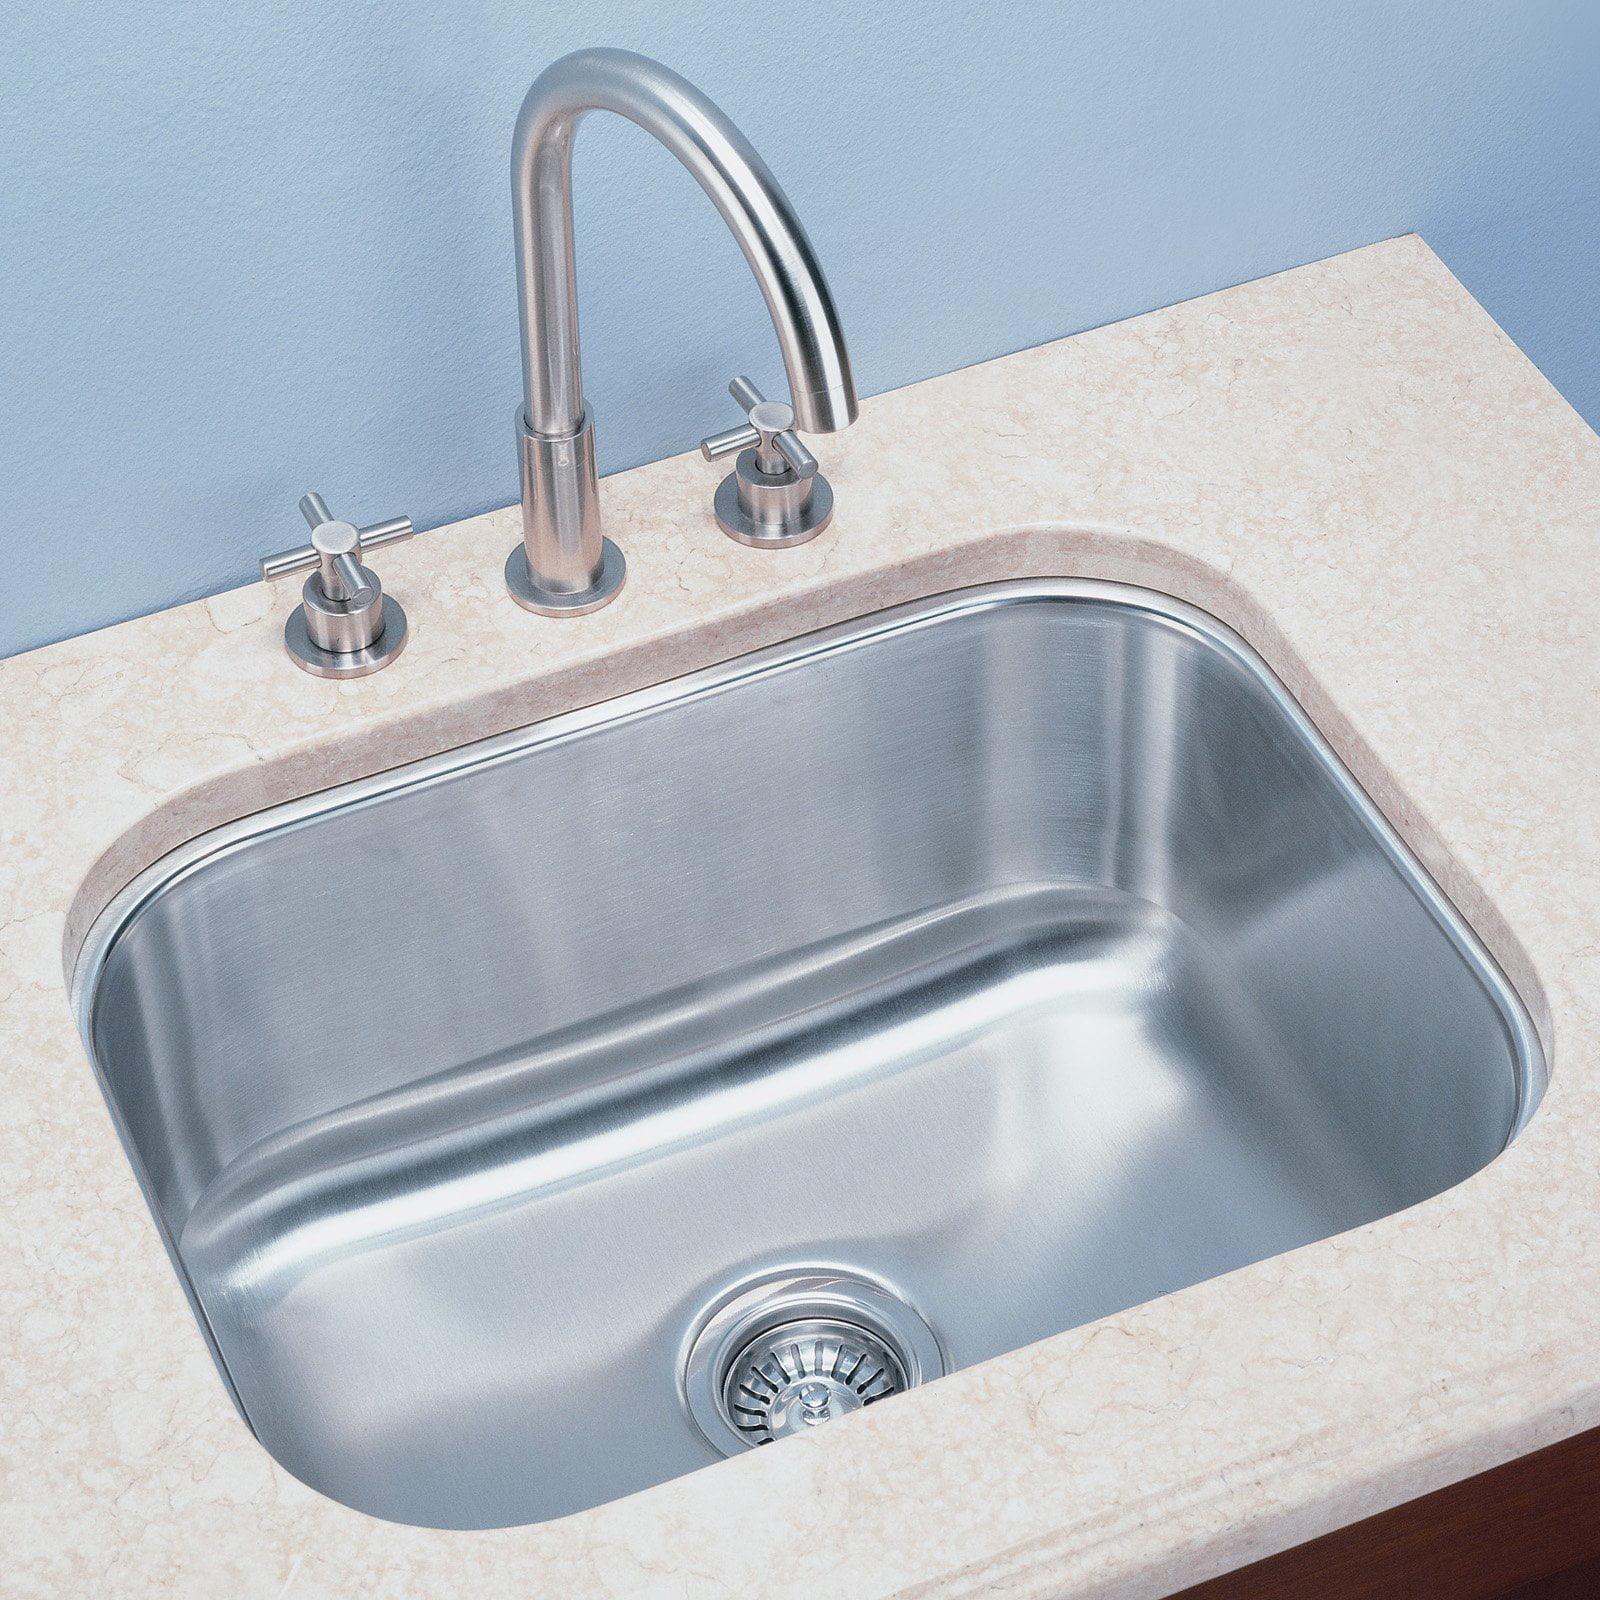 Empire Industries 35.5'' x 24.75'' 18 Gauge Single Undermount Kitchen Sink